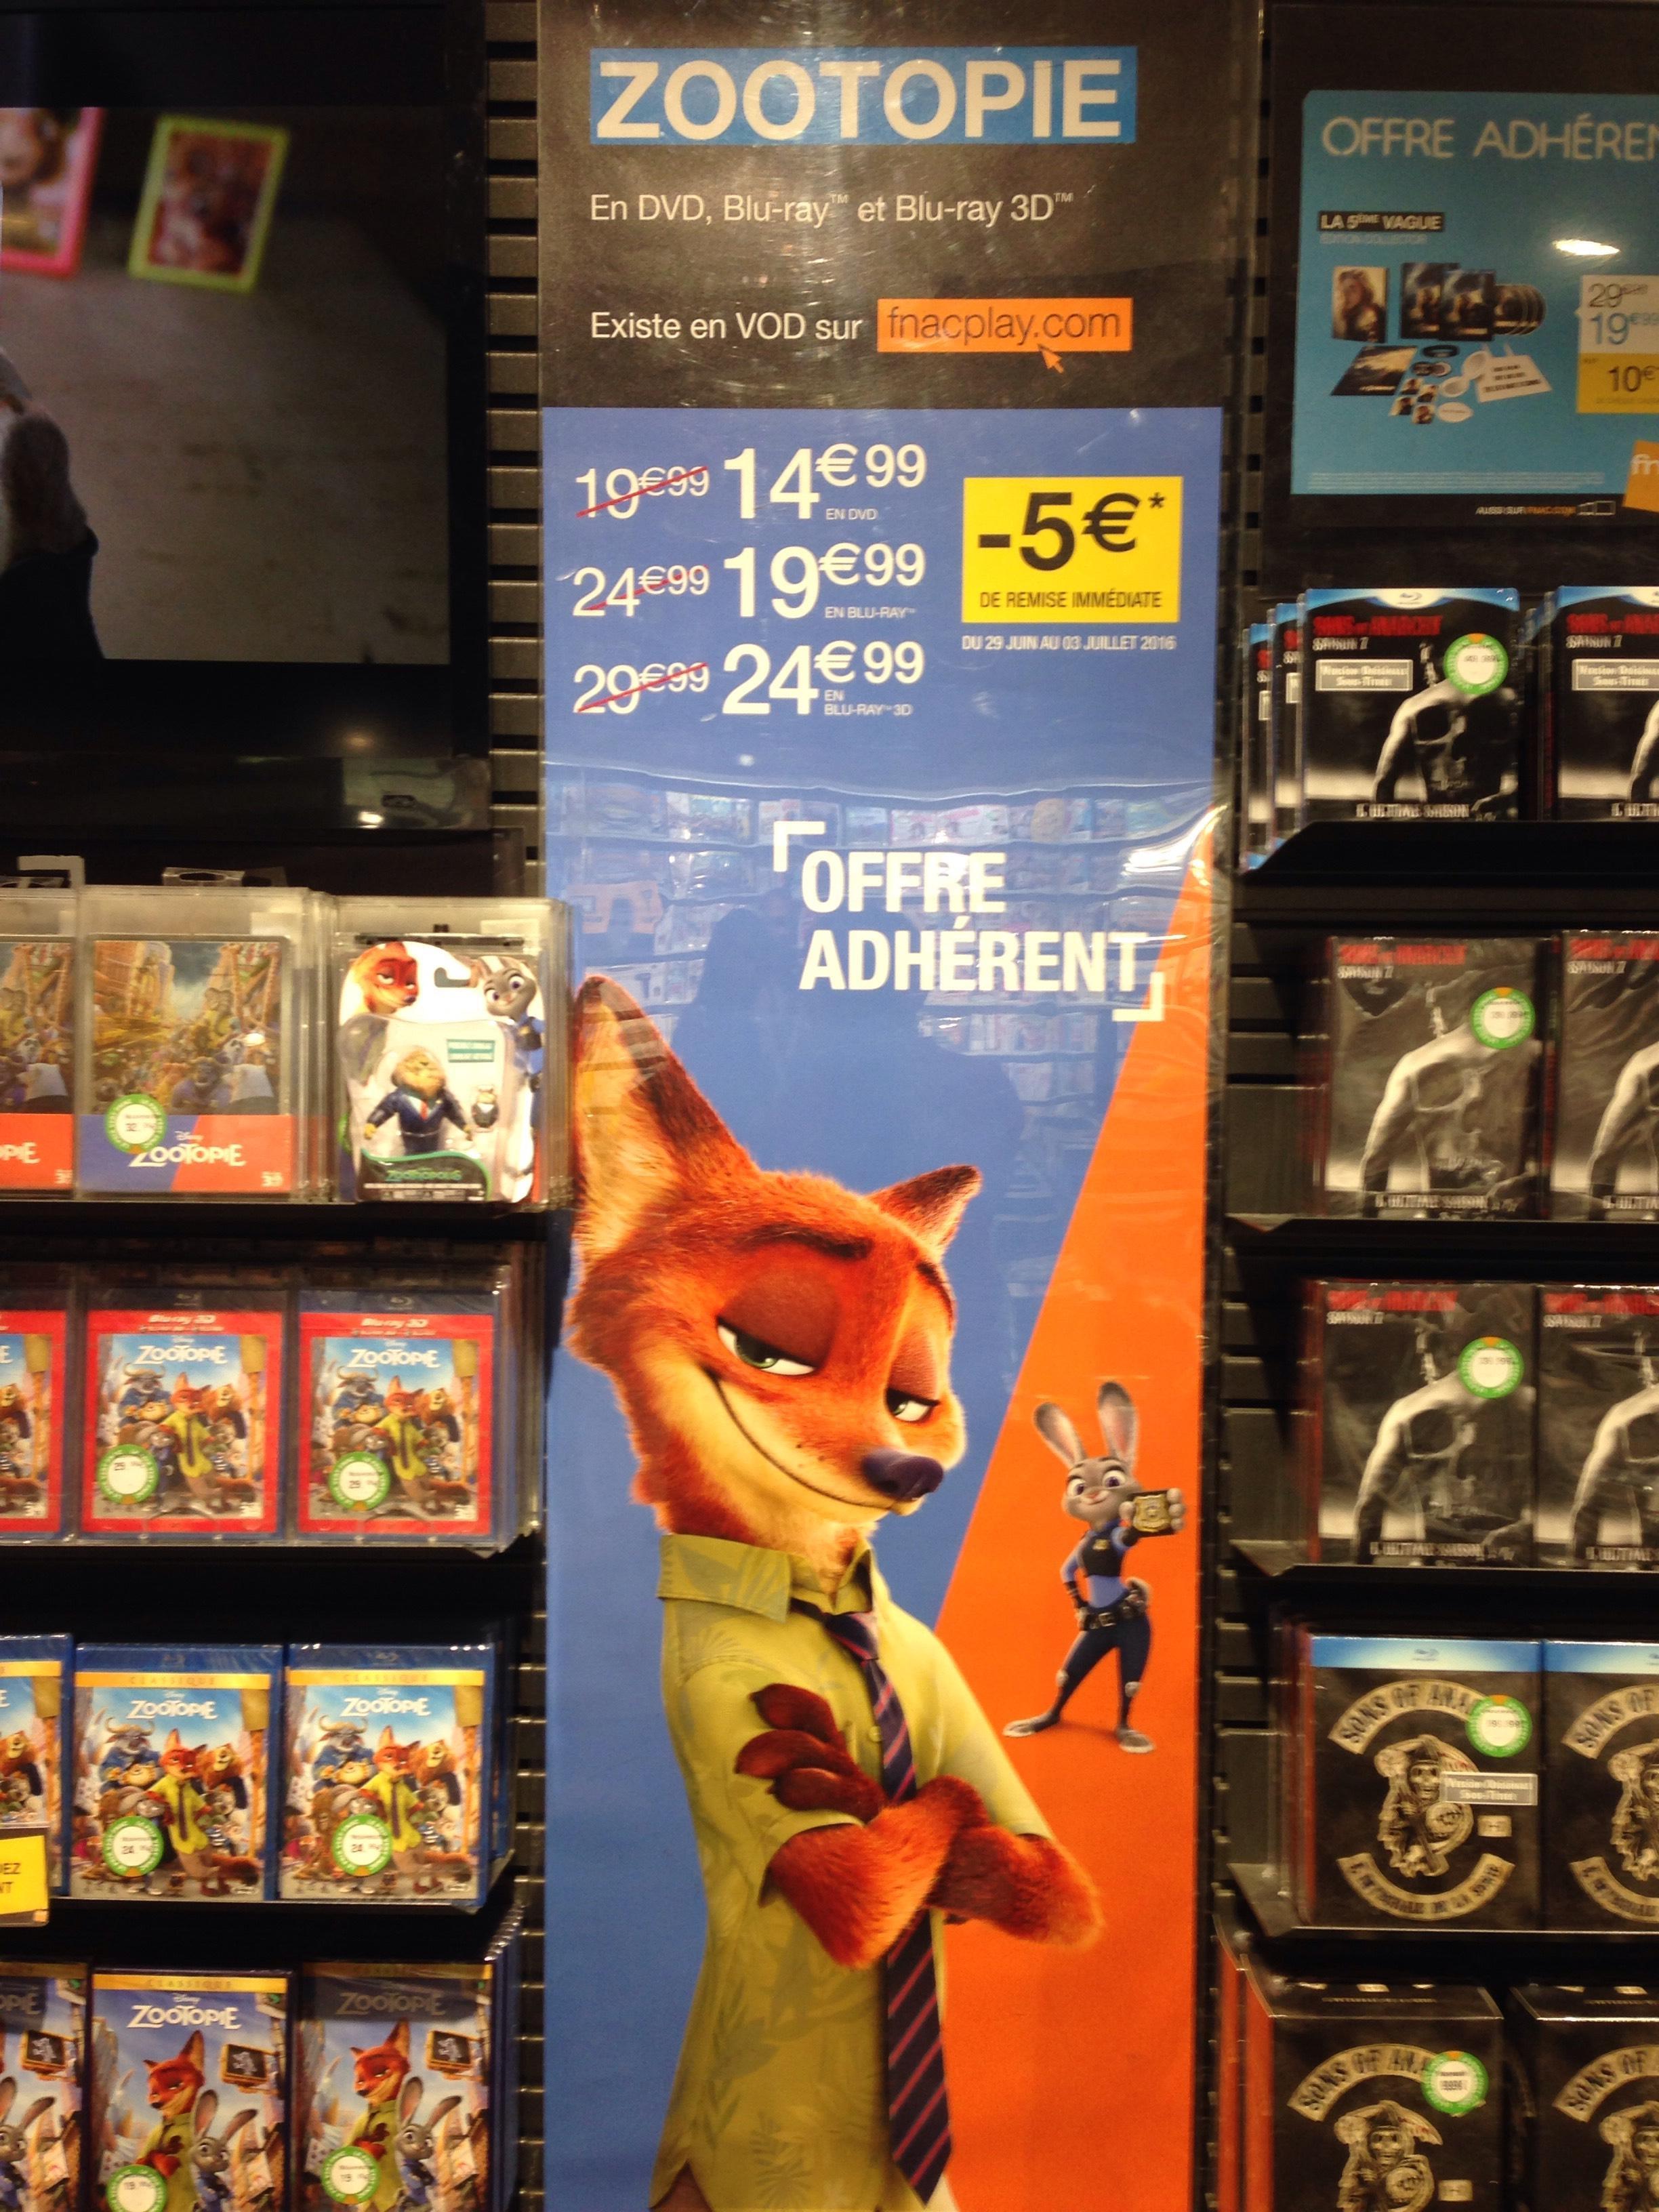 [Adhérents] Zootopie en DVD à 14.99€, Blu-ray à 19.99€ et Blu-ray 3D